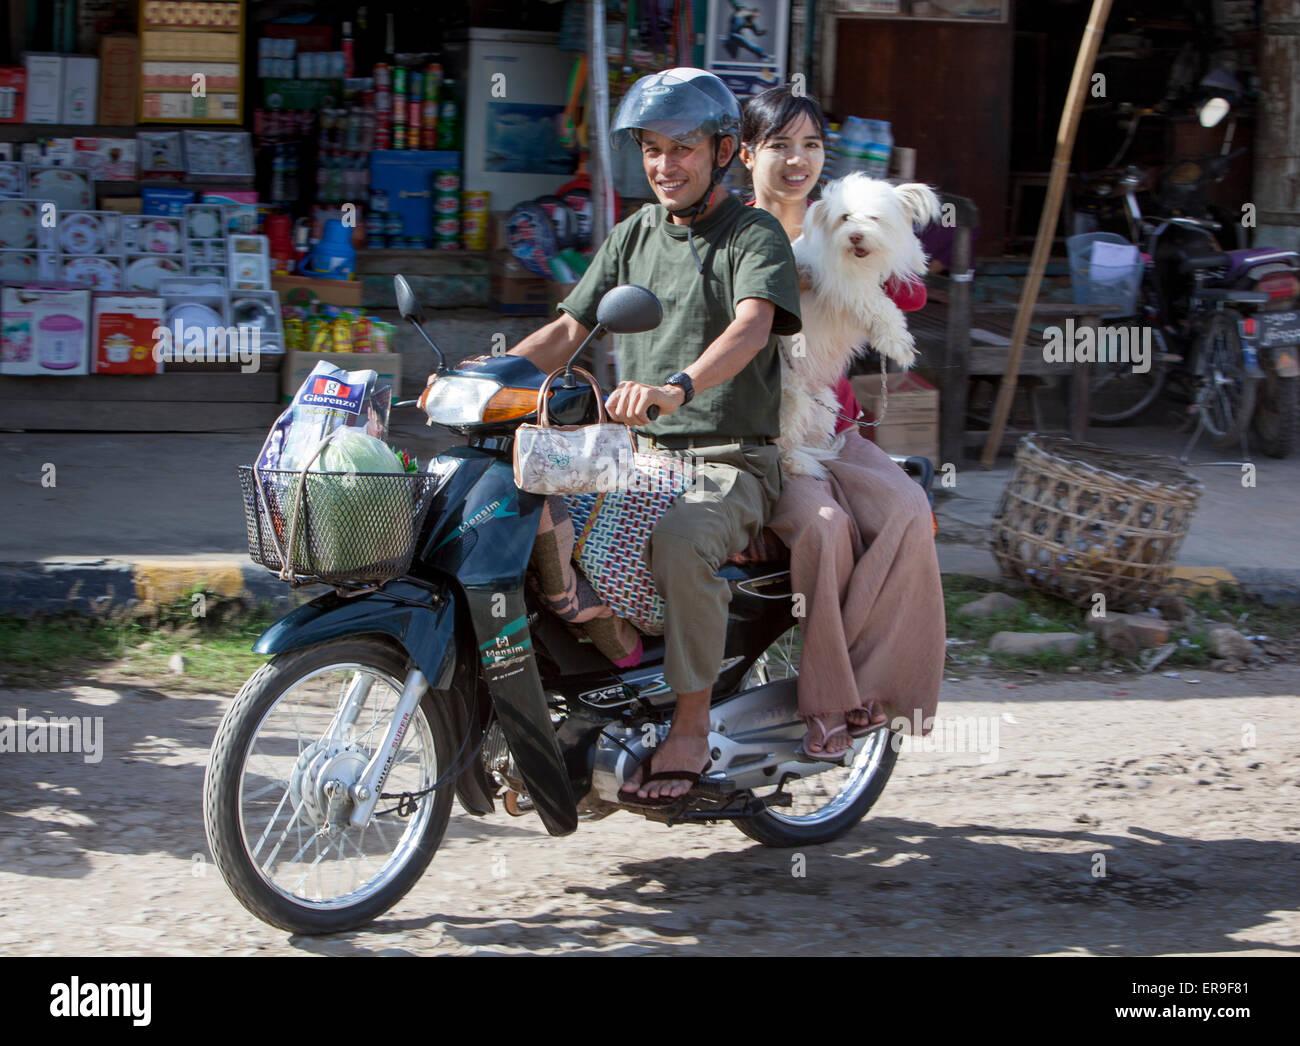 Un hombre monta su motor-ciclo en el pueblo birmano de Hsipaw. Su mujer pasajero tiene un gran perro blanco. Imagen De Stock